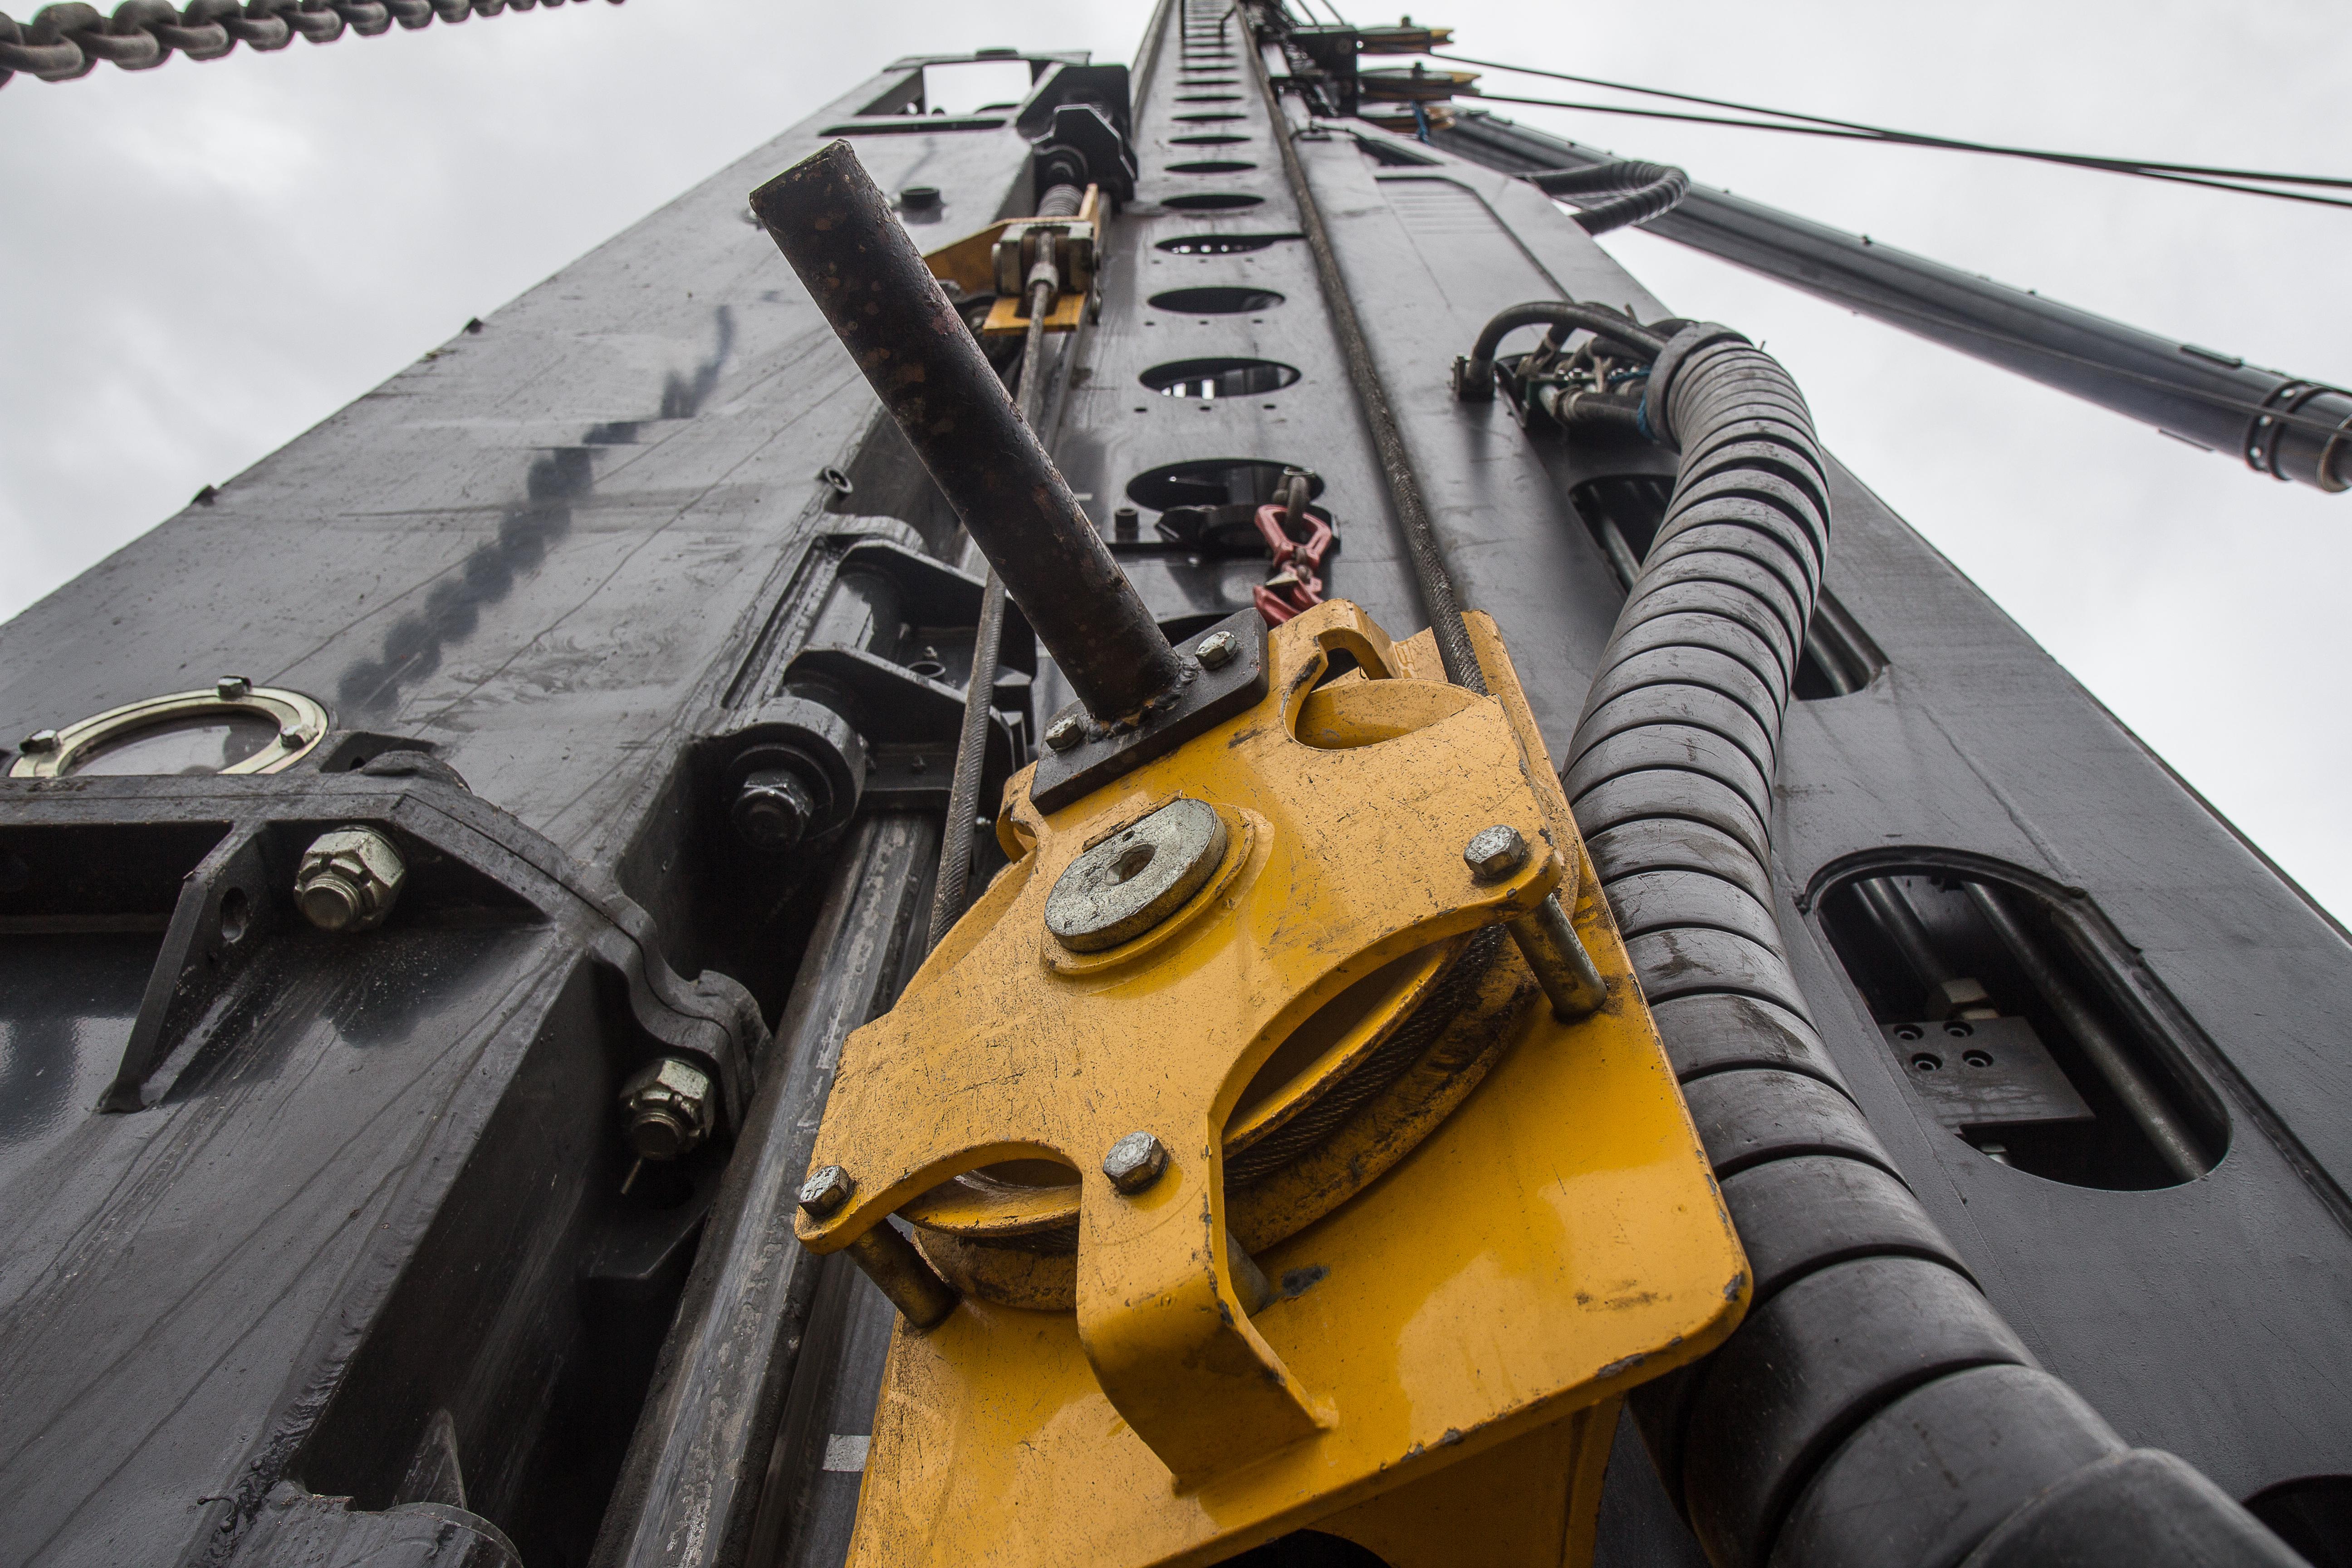 <p>Het principe van de pull-down-lier bevalt goed bij Boer. Dit is de tweede machine die erover beschikt. Een lier op de makelaar trekt met 5 ton kracht de hamer naar beneden. De staalkabel loopt via top en onderkant over enkele rollen.</p>